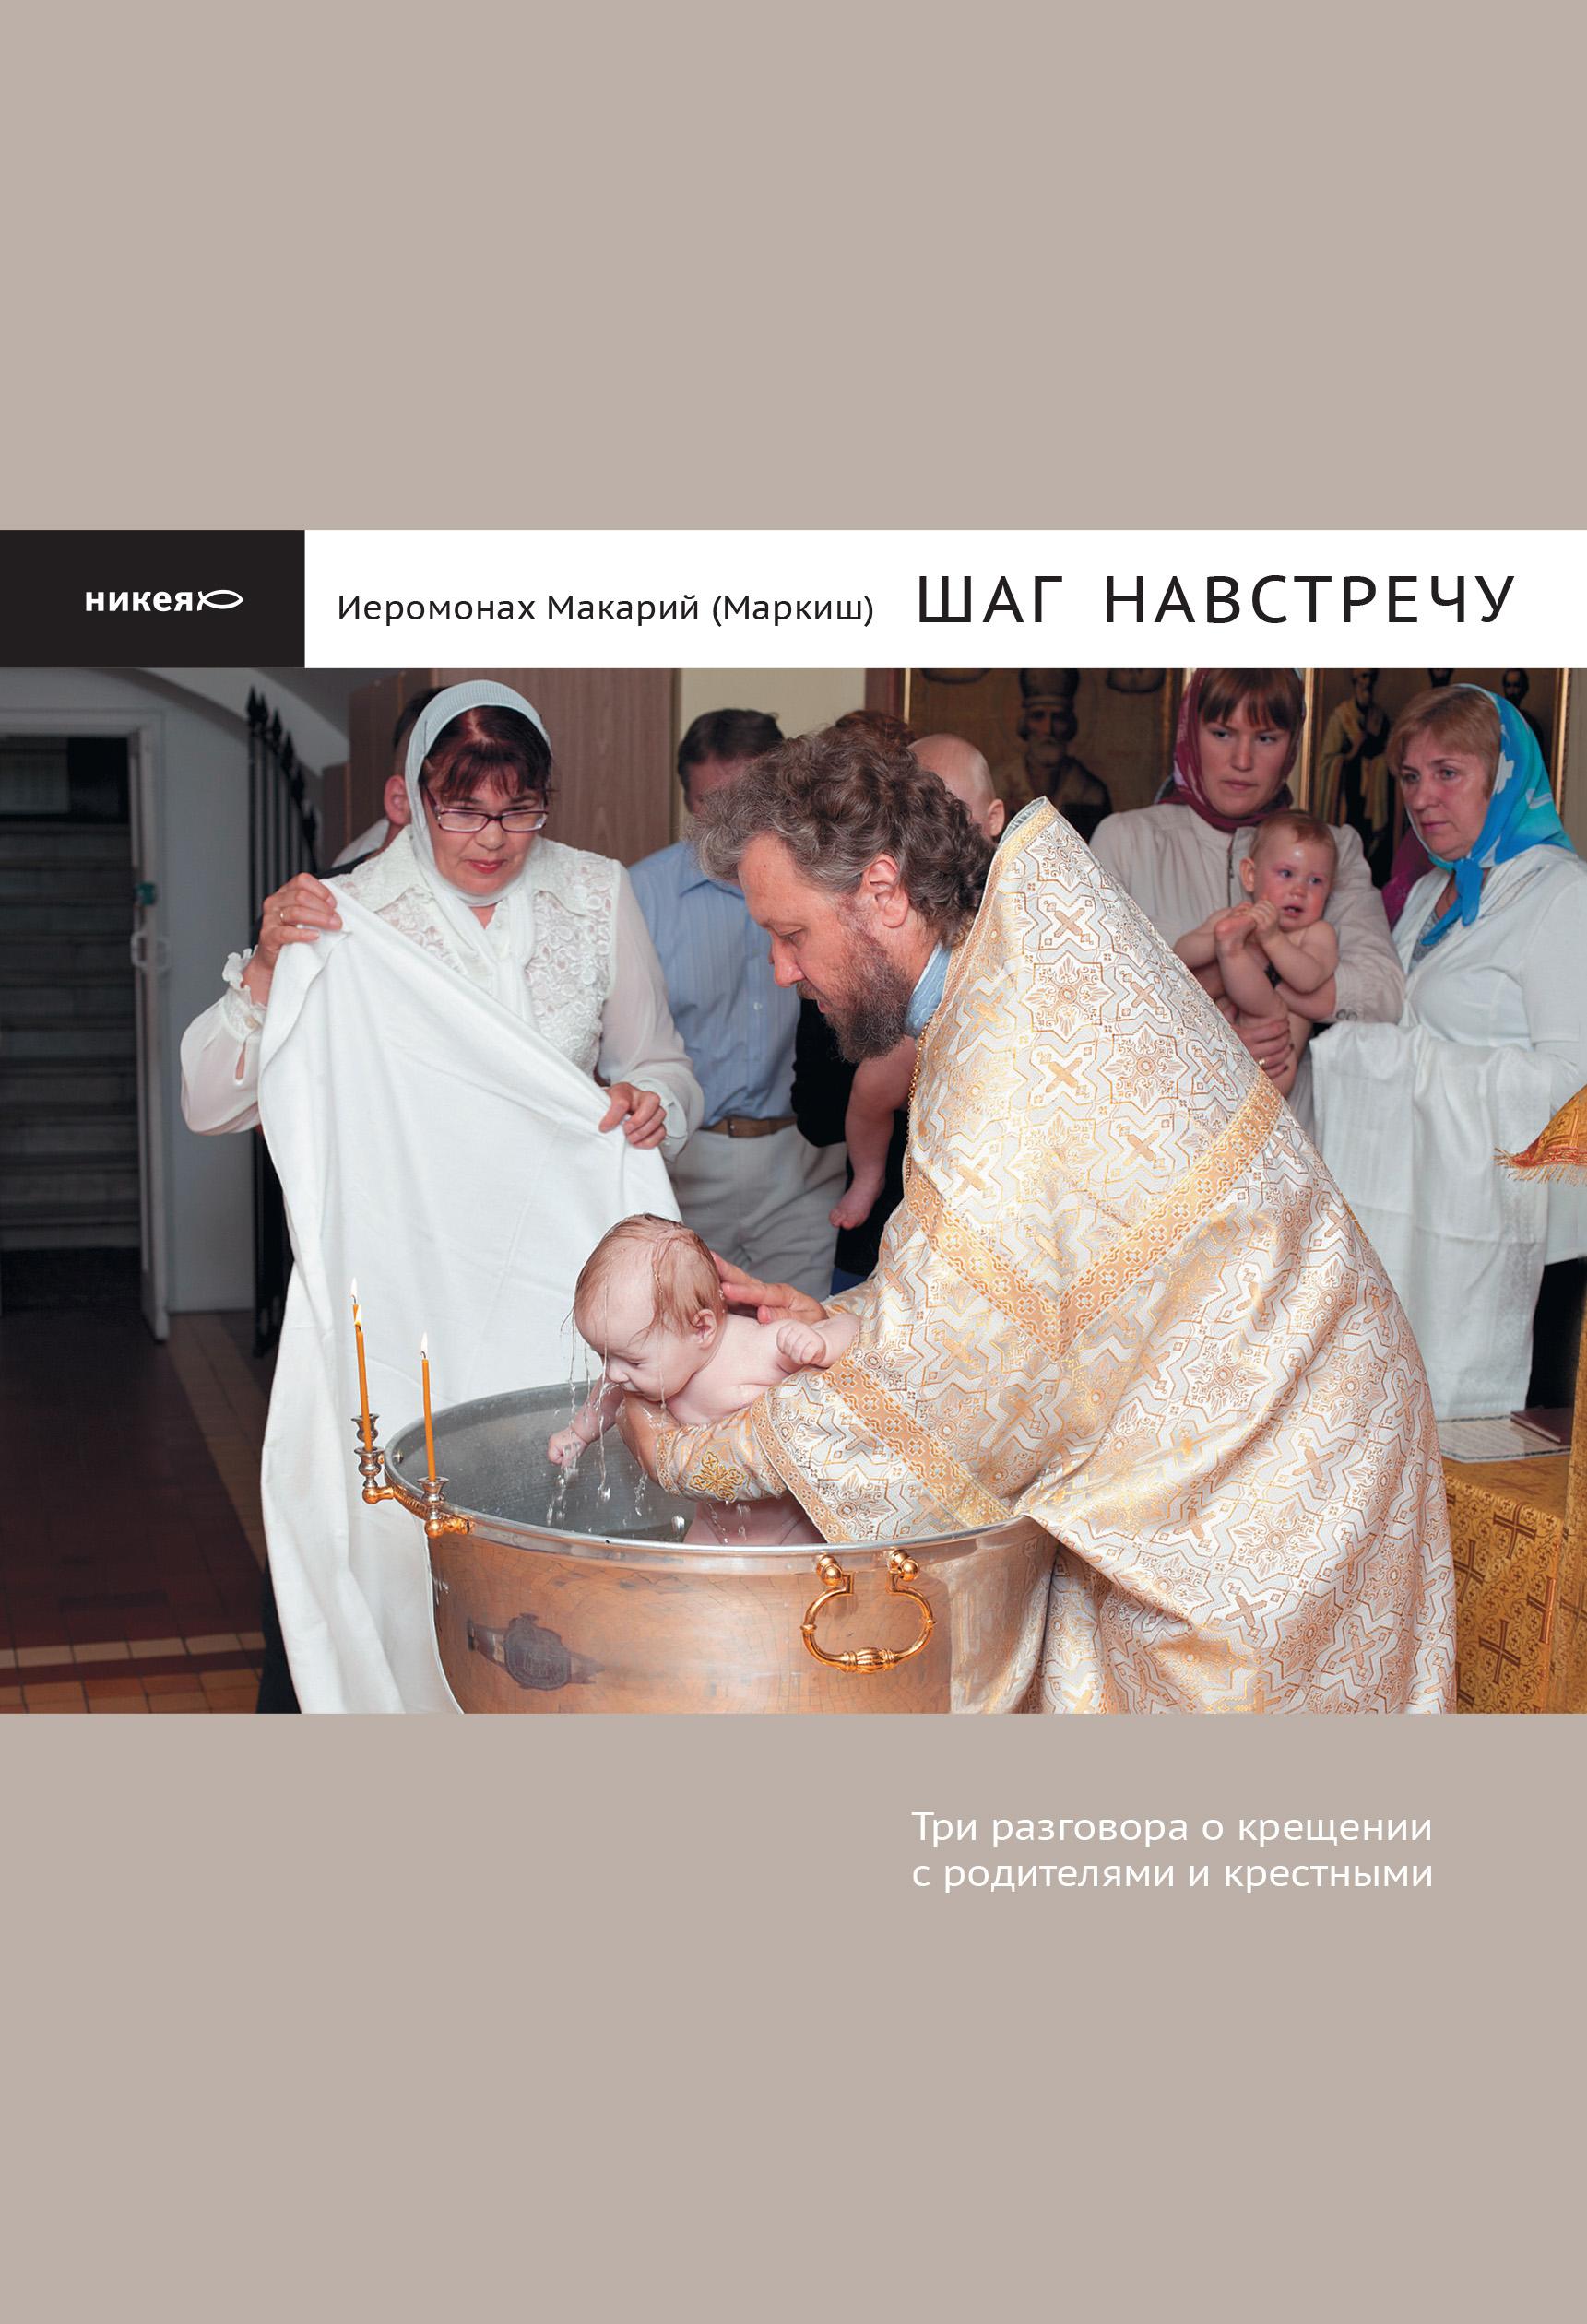 Шаг навстречу: Три разговора о крещении с родителями и крестными ( иеромонах Макарий (Маркиш)  )